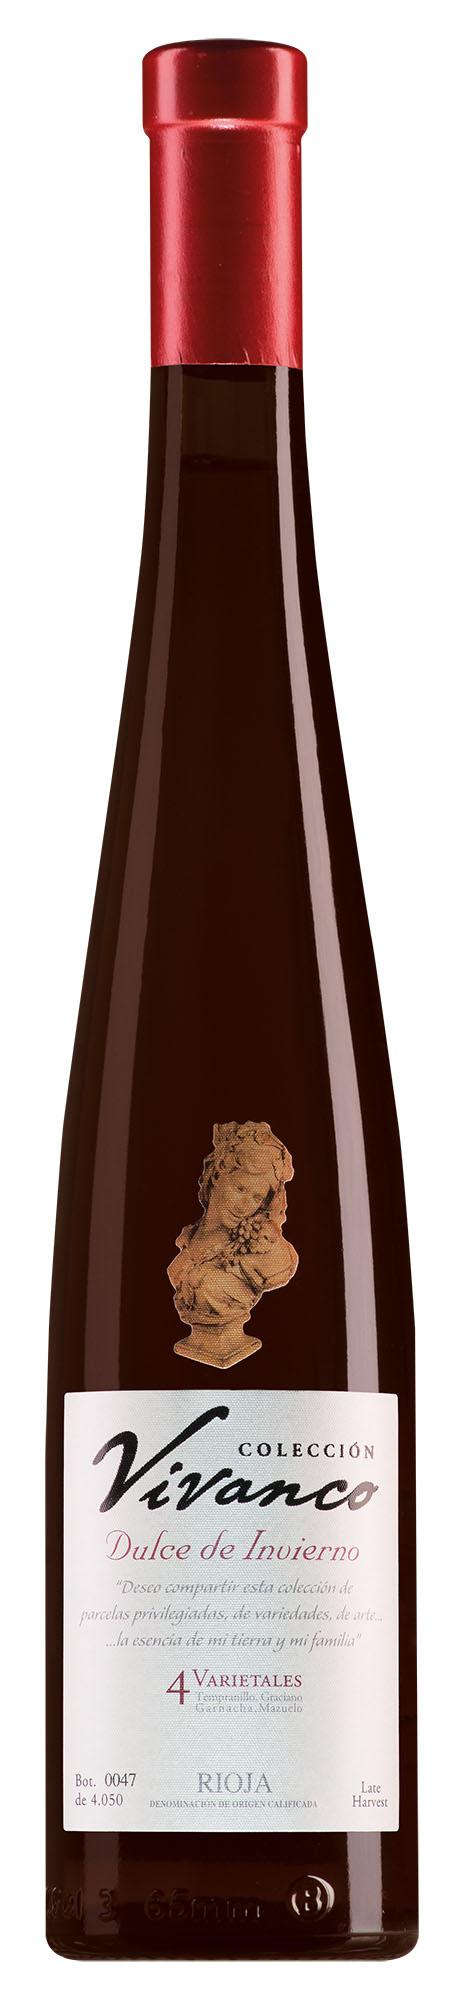 Vivanco Rioja Colección Dulce de Invierno 4 varietales